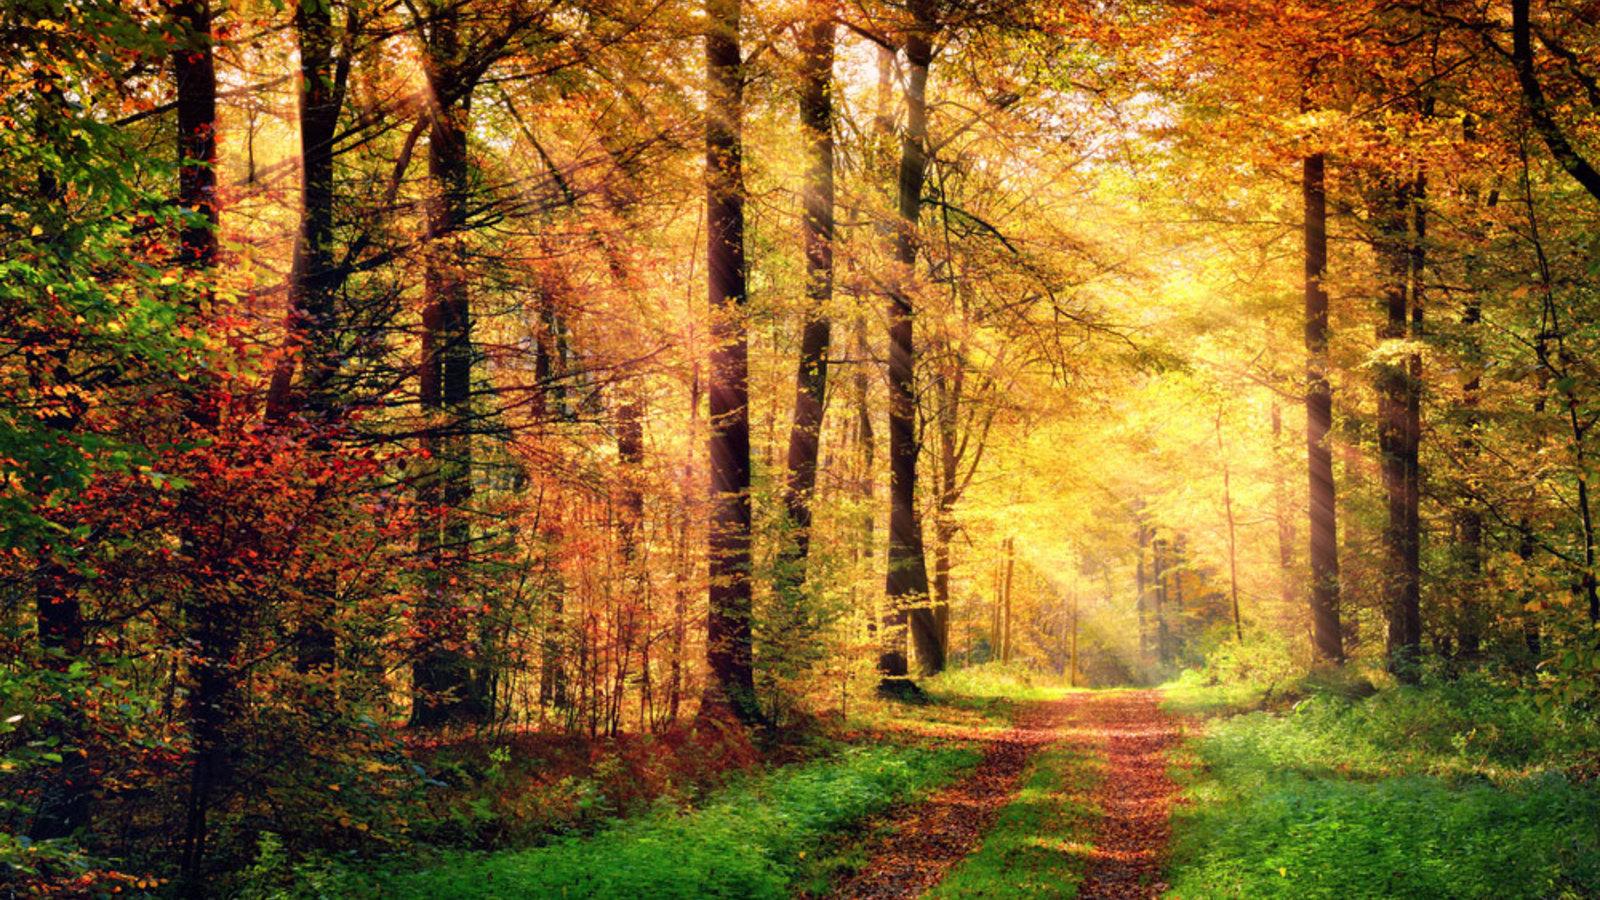 Retten wir den Wald!